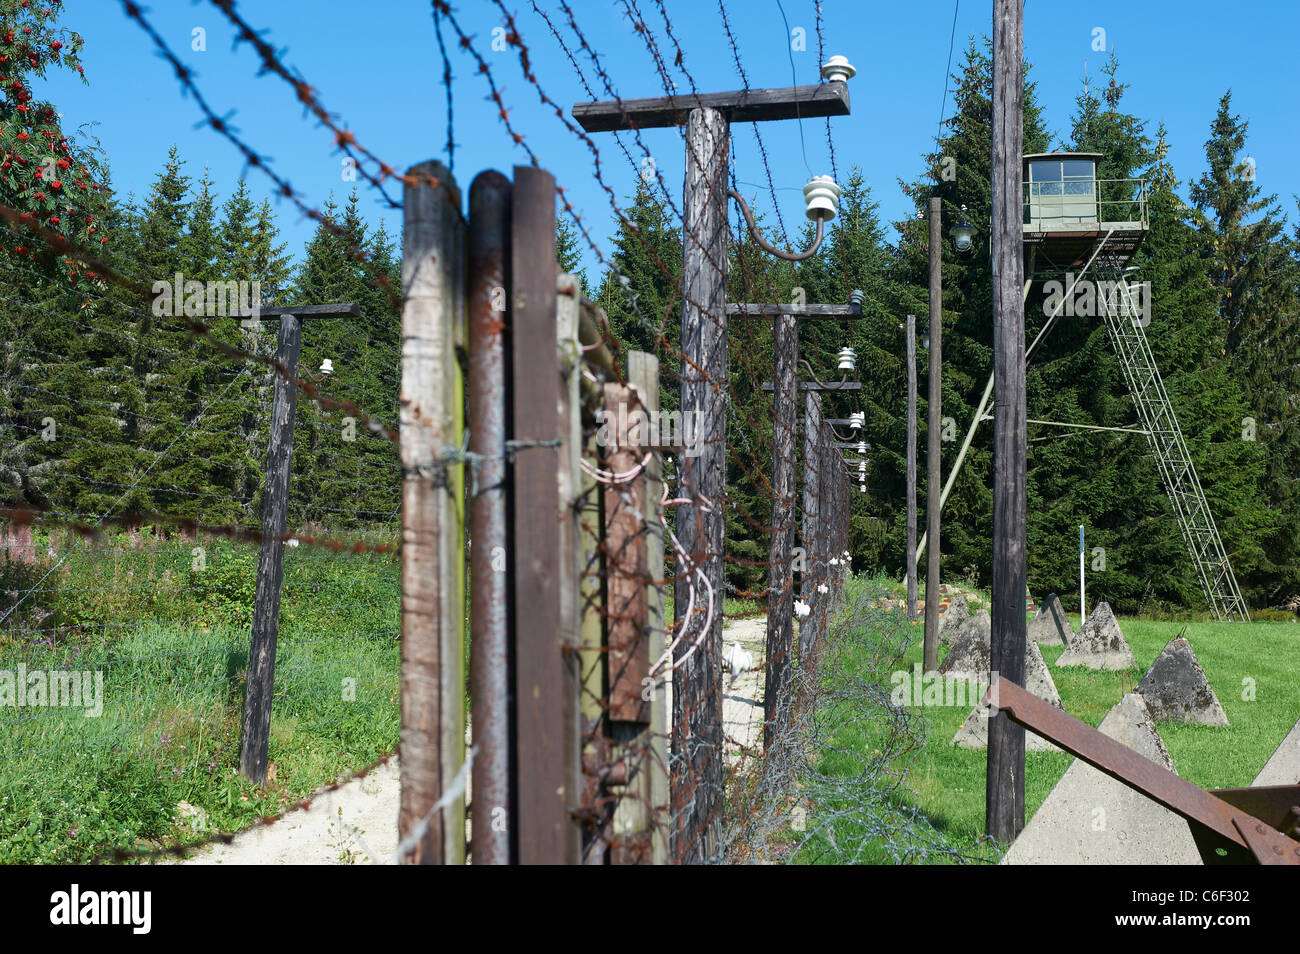 Iron curtain - Bucina Buchwald Czech Republic Germany Border Iron Curtain From Cold War Era Sumava Bayerischer Wald